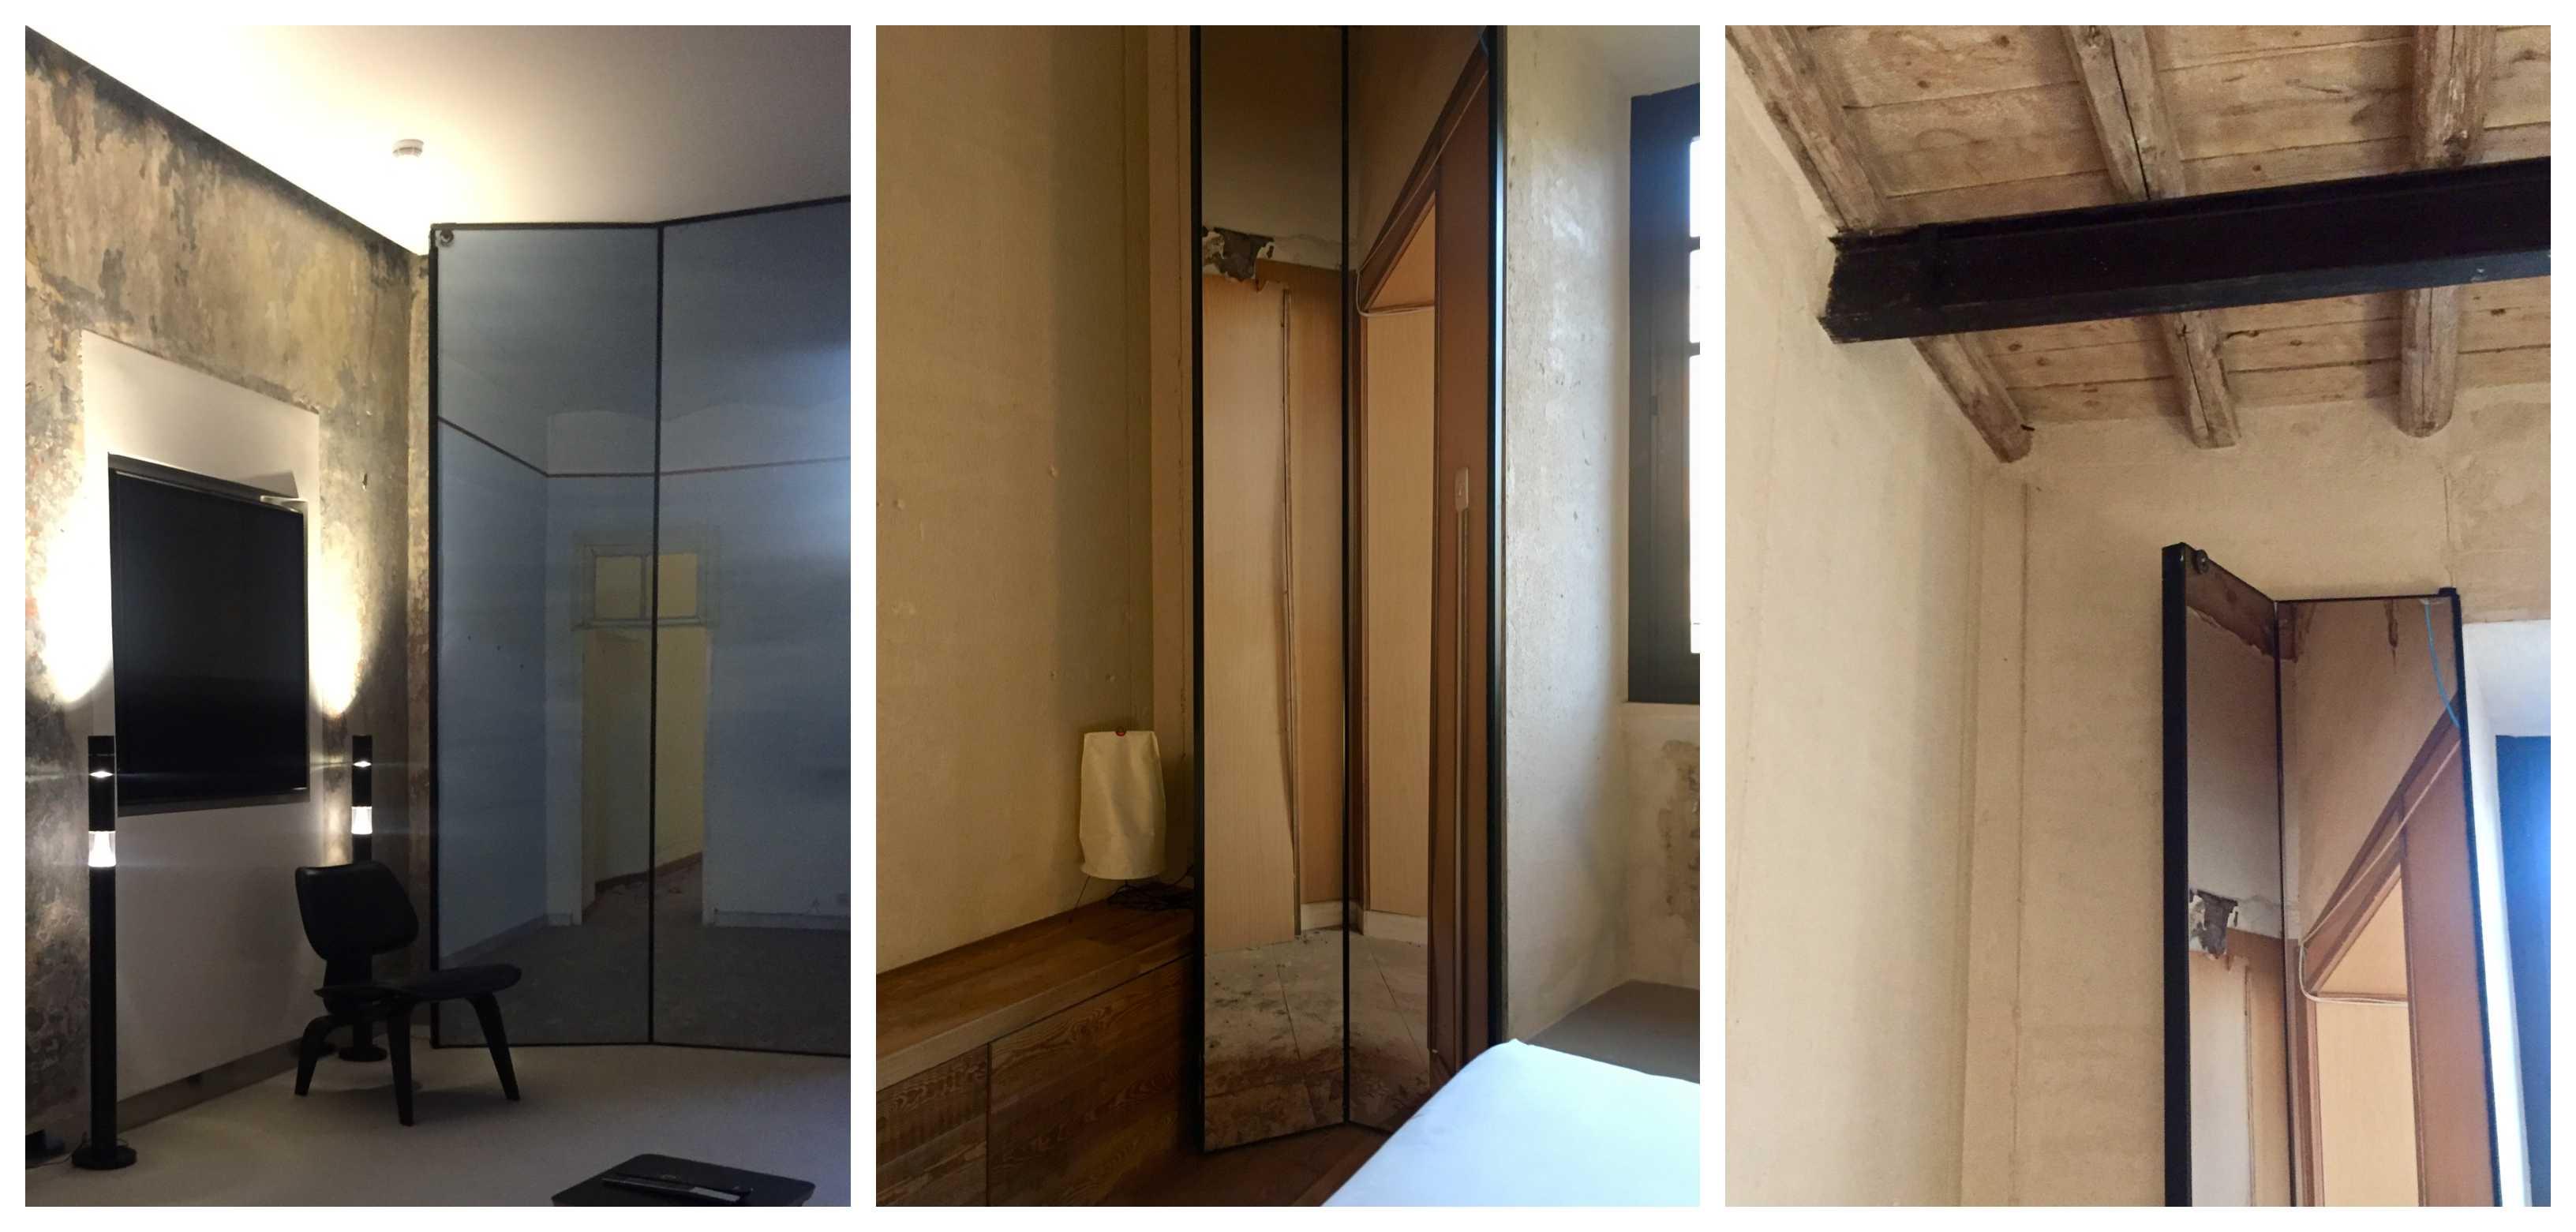 Jean Nouvel. rooms of rome Roma Fondazione Alda Fendi. Room Mate. Detalle contraventanas